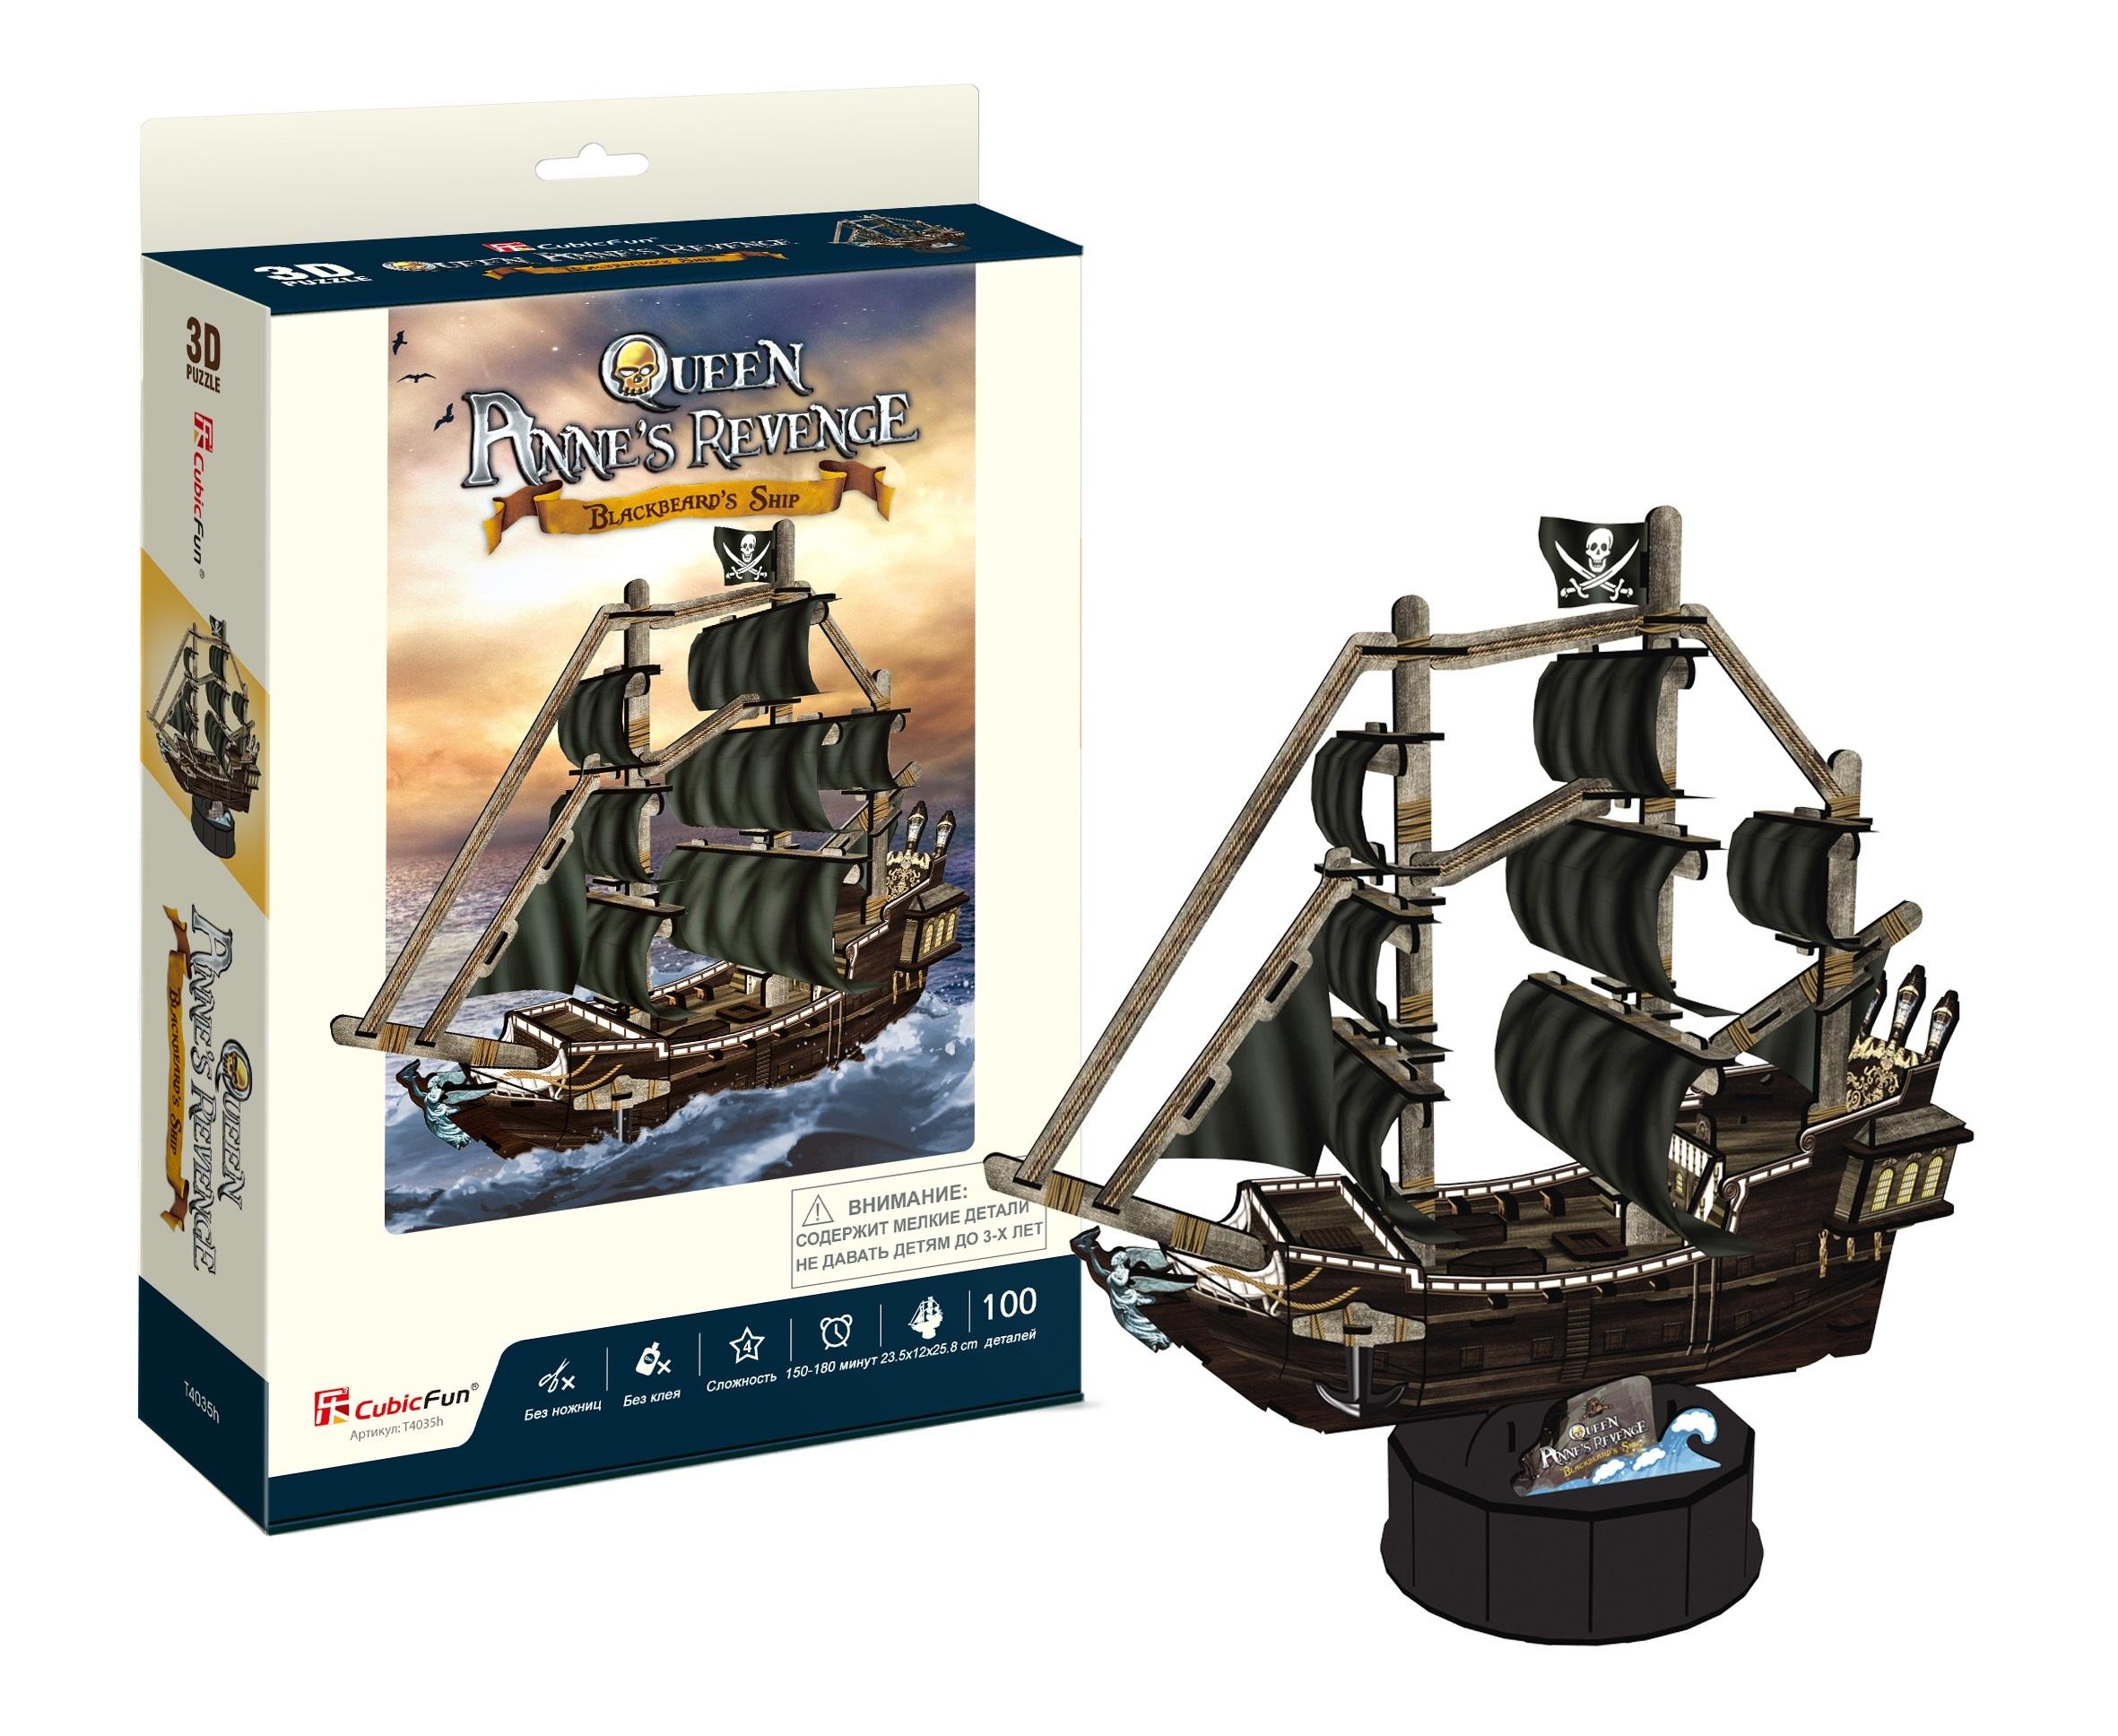 Пазлы CubicFun Корабль Месть Королевы Анны cubicfun 3d пазл cubicfun корабль месть королевы анны